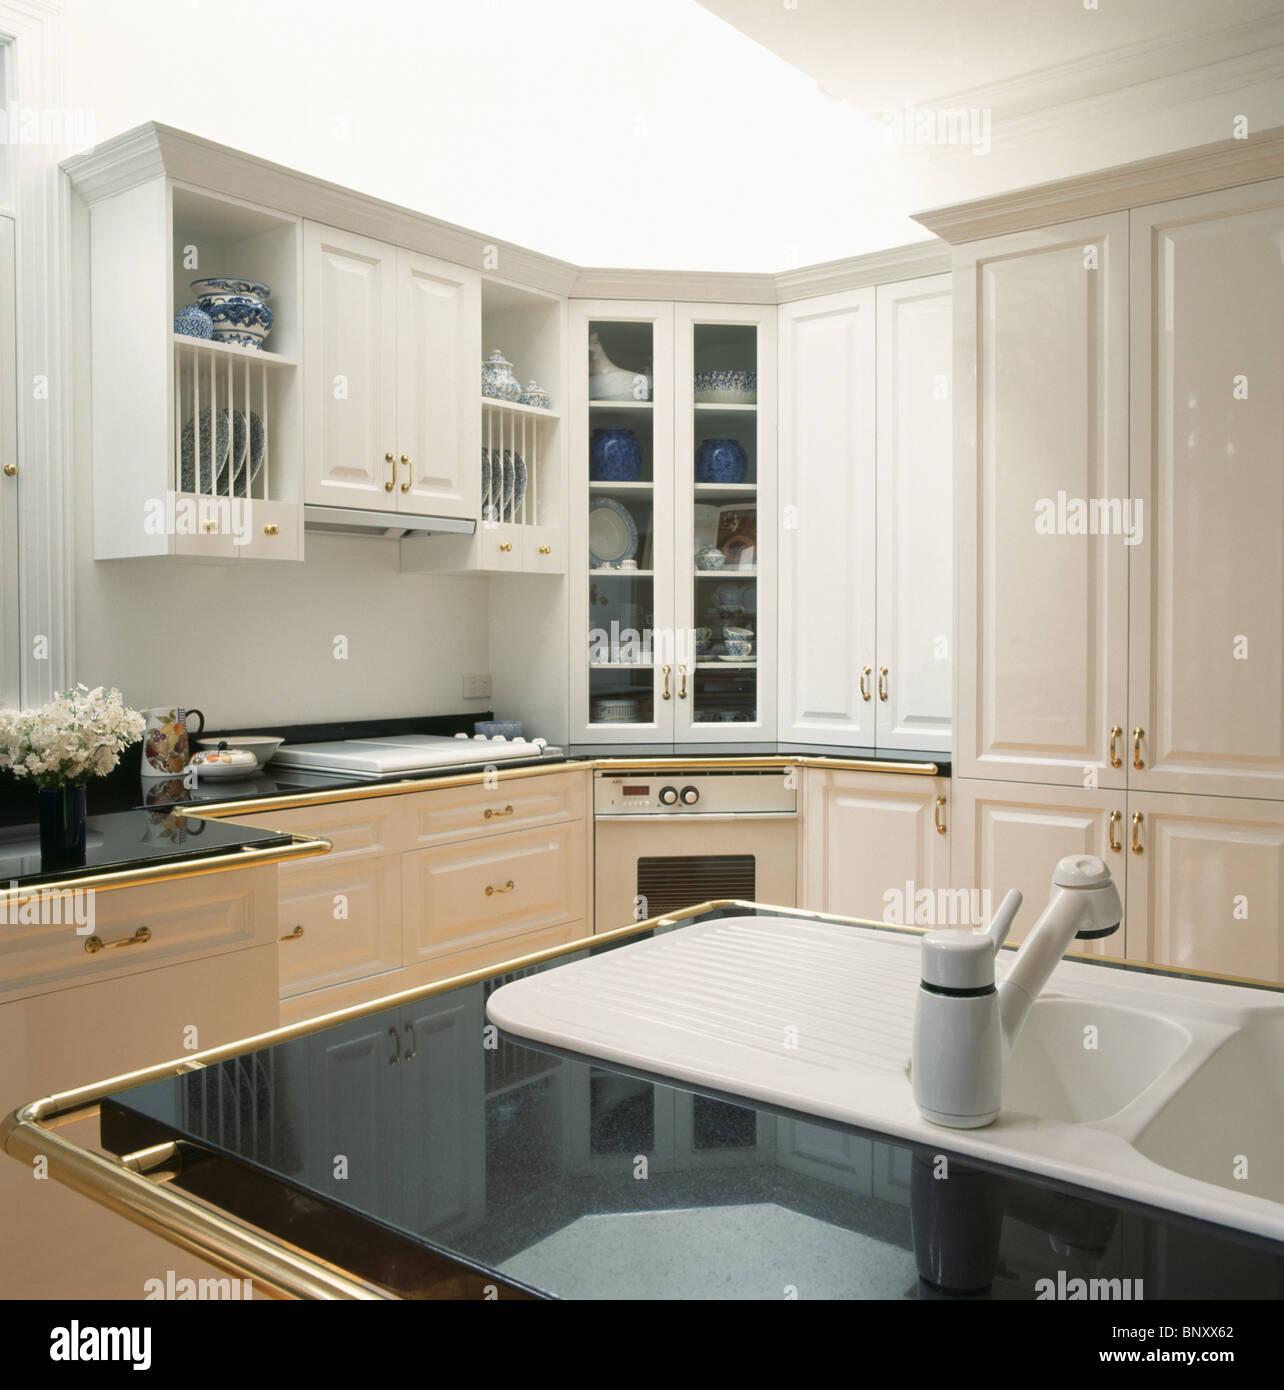 Dissipador De Corian Branco Na Bancada Em Granito Preto Na Cozinha